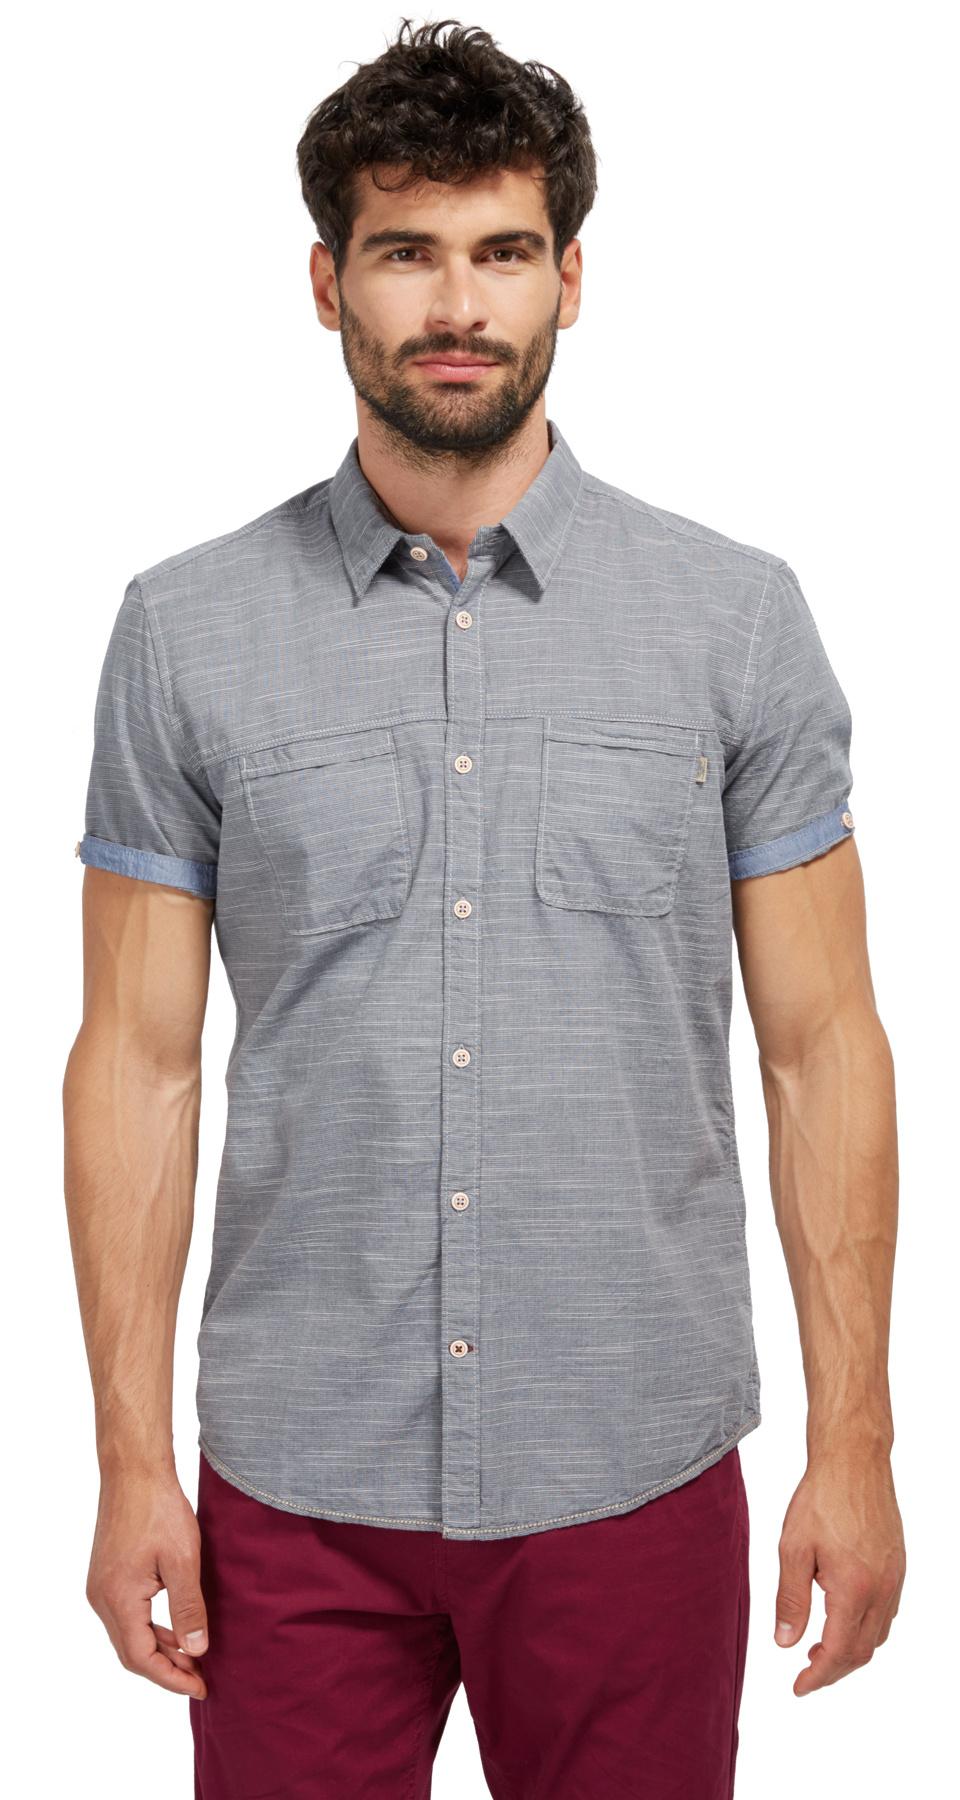 Tom Tailor košile s krátkým rukávem 20333780010/6740 Modrá XL